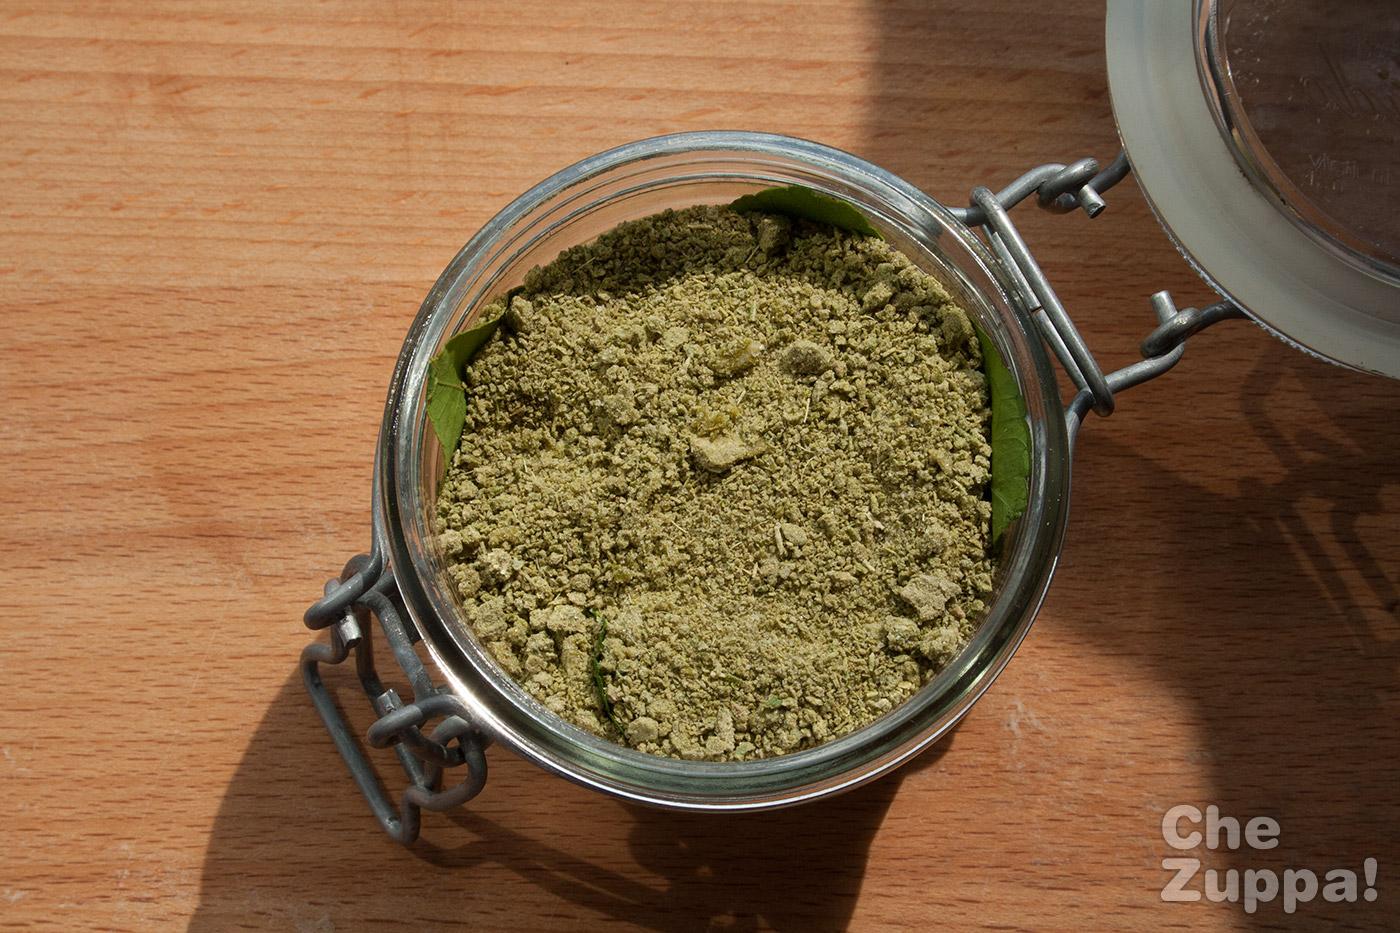 Sale alle erbe aromatiche fatto in casa chezuppachezuppa - Erbe aromatiche in casa ...